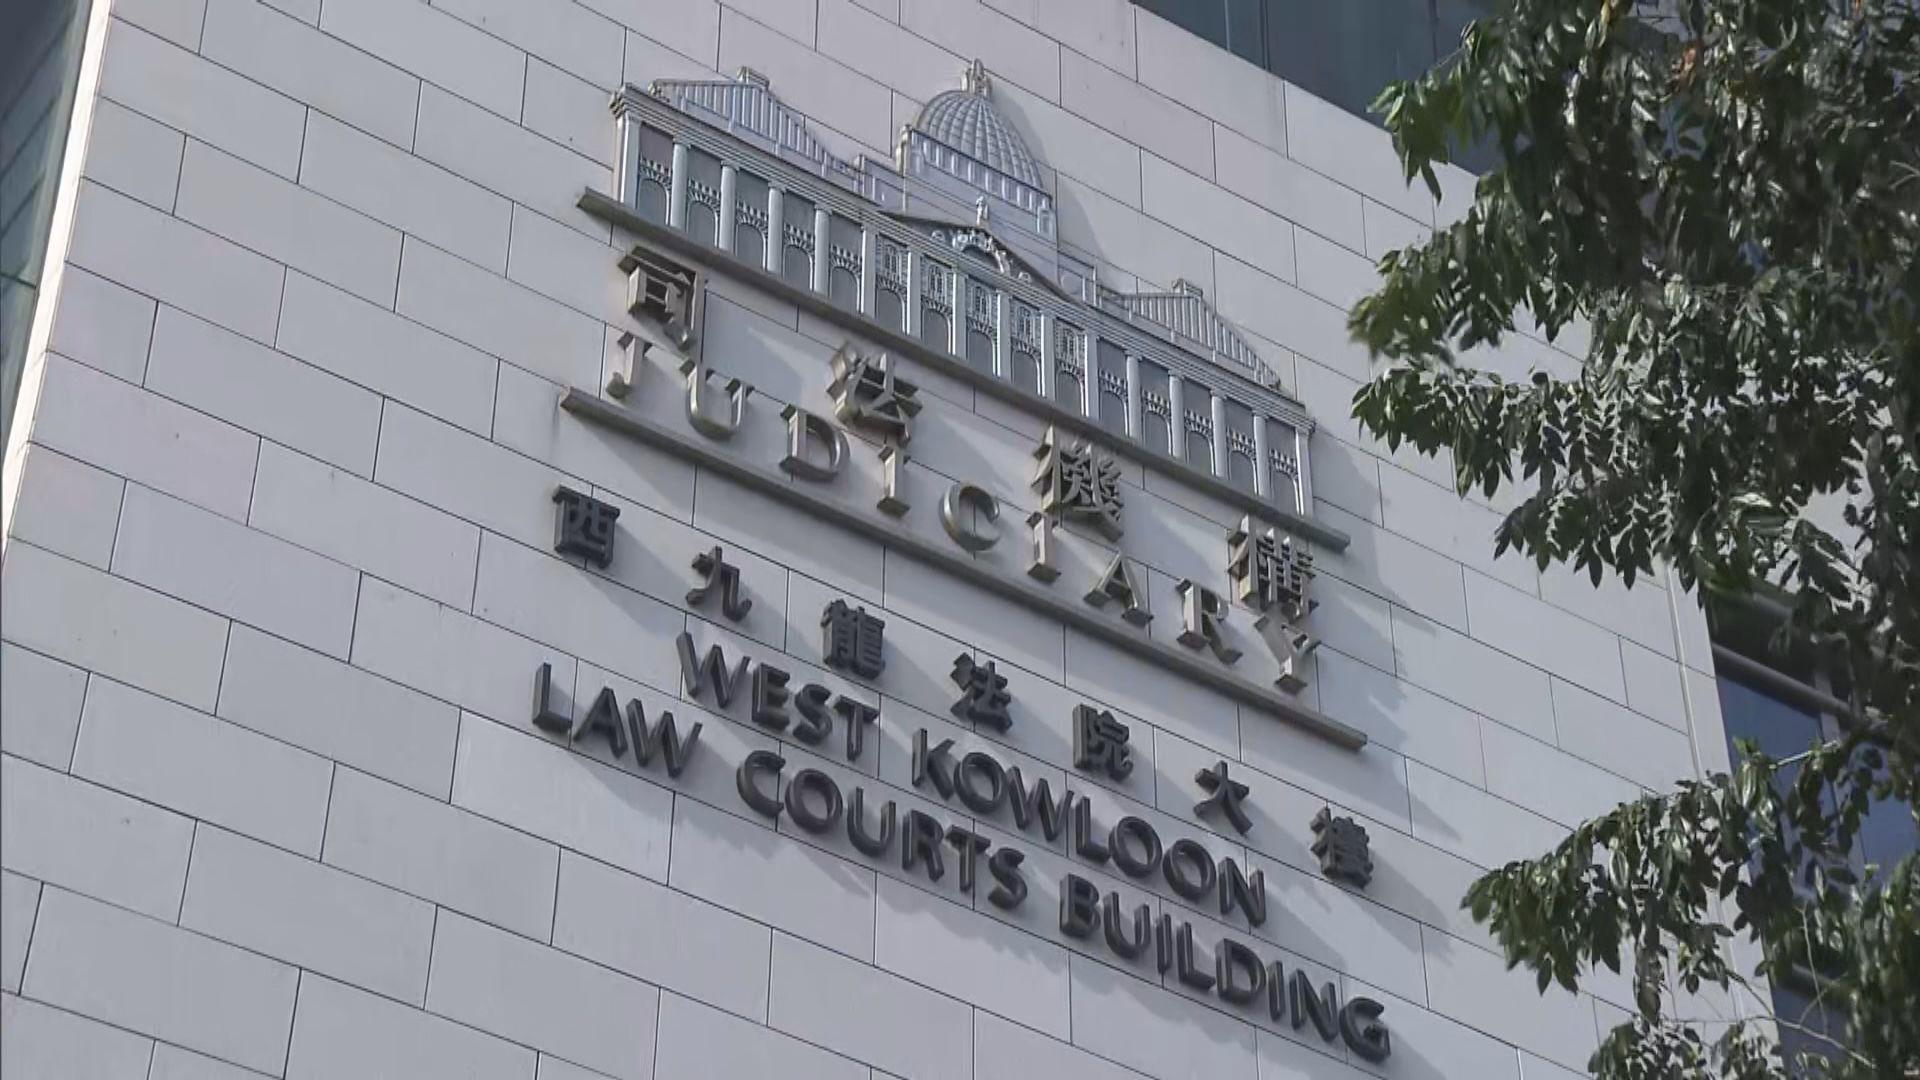 鄒幸彤保釋被拒 還柙至本月30日再訊